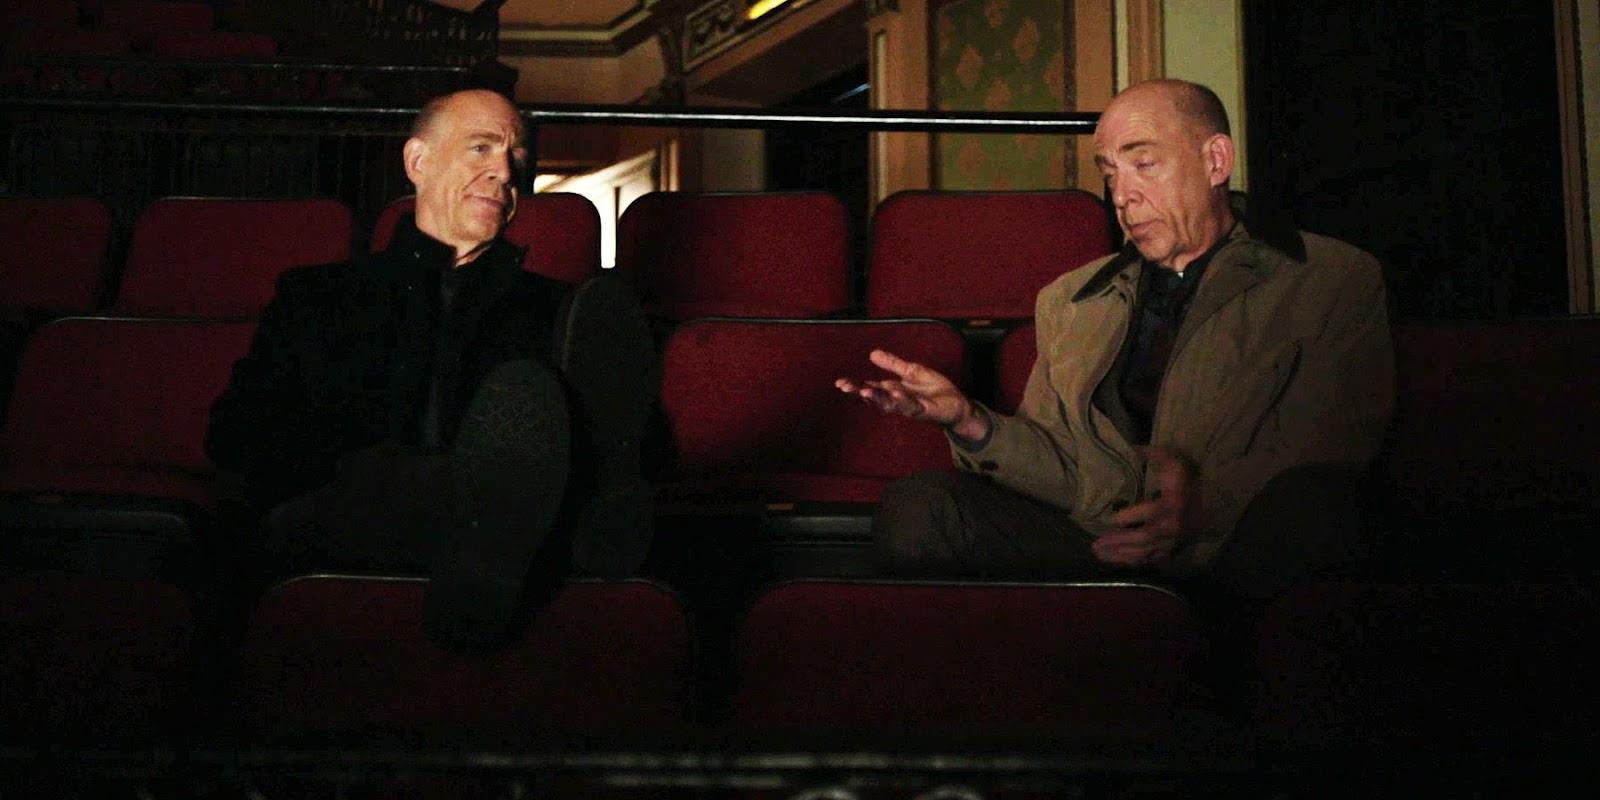 J.K. Simmons interpretando a dos personajes al mismo tiempo en una escena